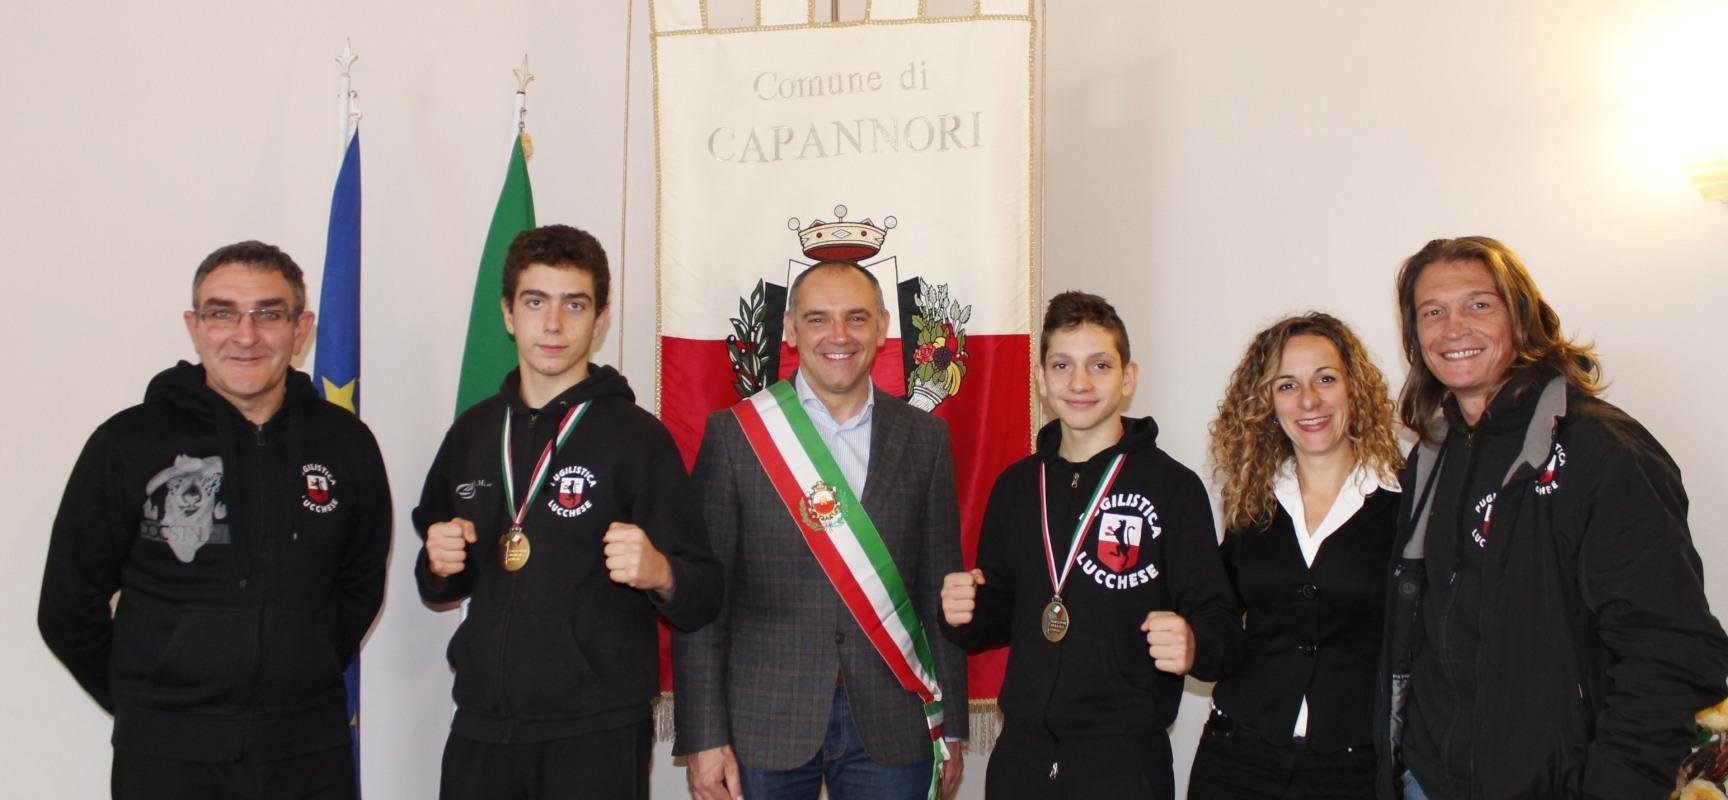 RICEVUTI IN COMUNE I DUE CAMPIONCINI DI PUGILATO LORENZO FRUGOLI E LORENZO GAROFANO